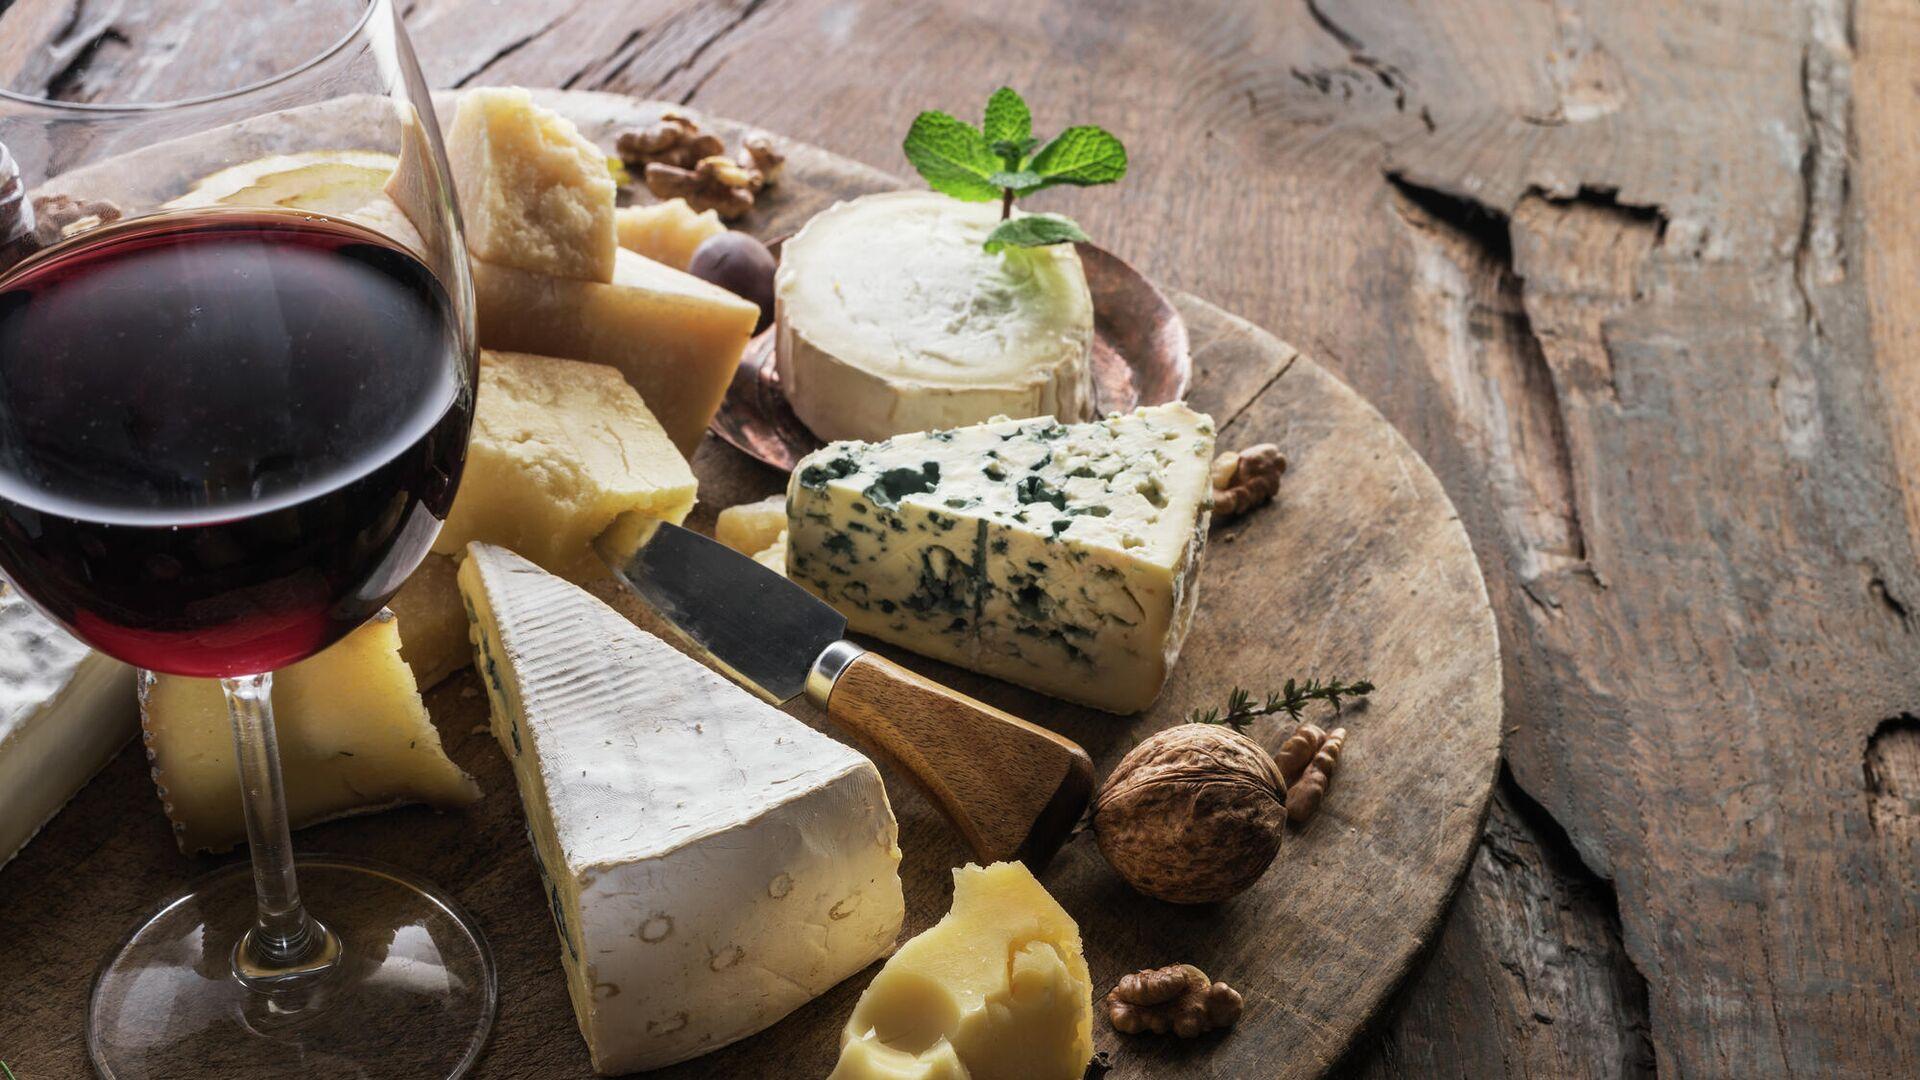 Сырная тарелка с бокалом вина - РИА Новости, 1920, 27.09.2021